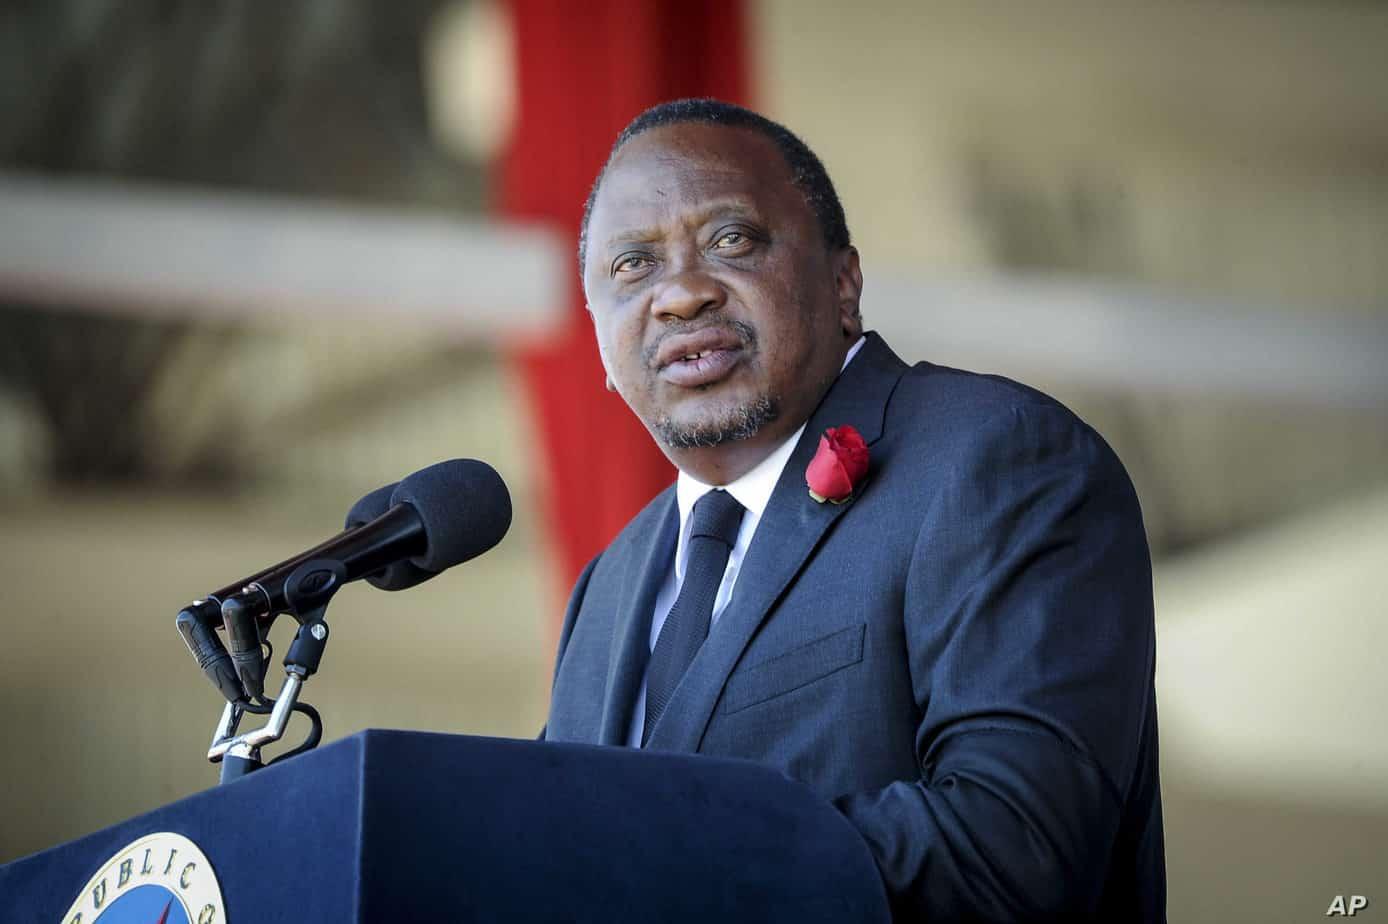 """Madaxweyenaha Kenya: """"Cidna kama aqbaleyno in ay sheegato lahaanshiyaha qeyb ka mid ah dhulkeena"""